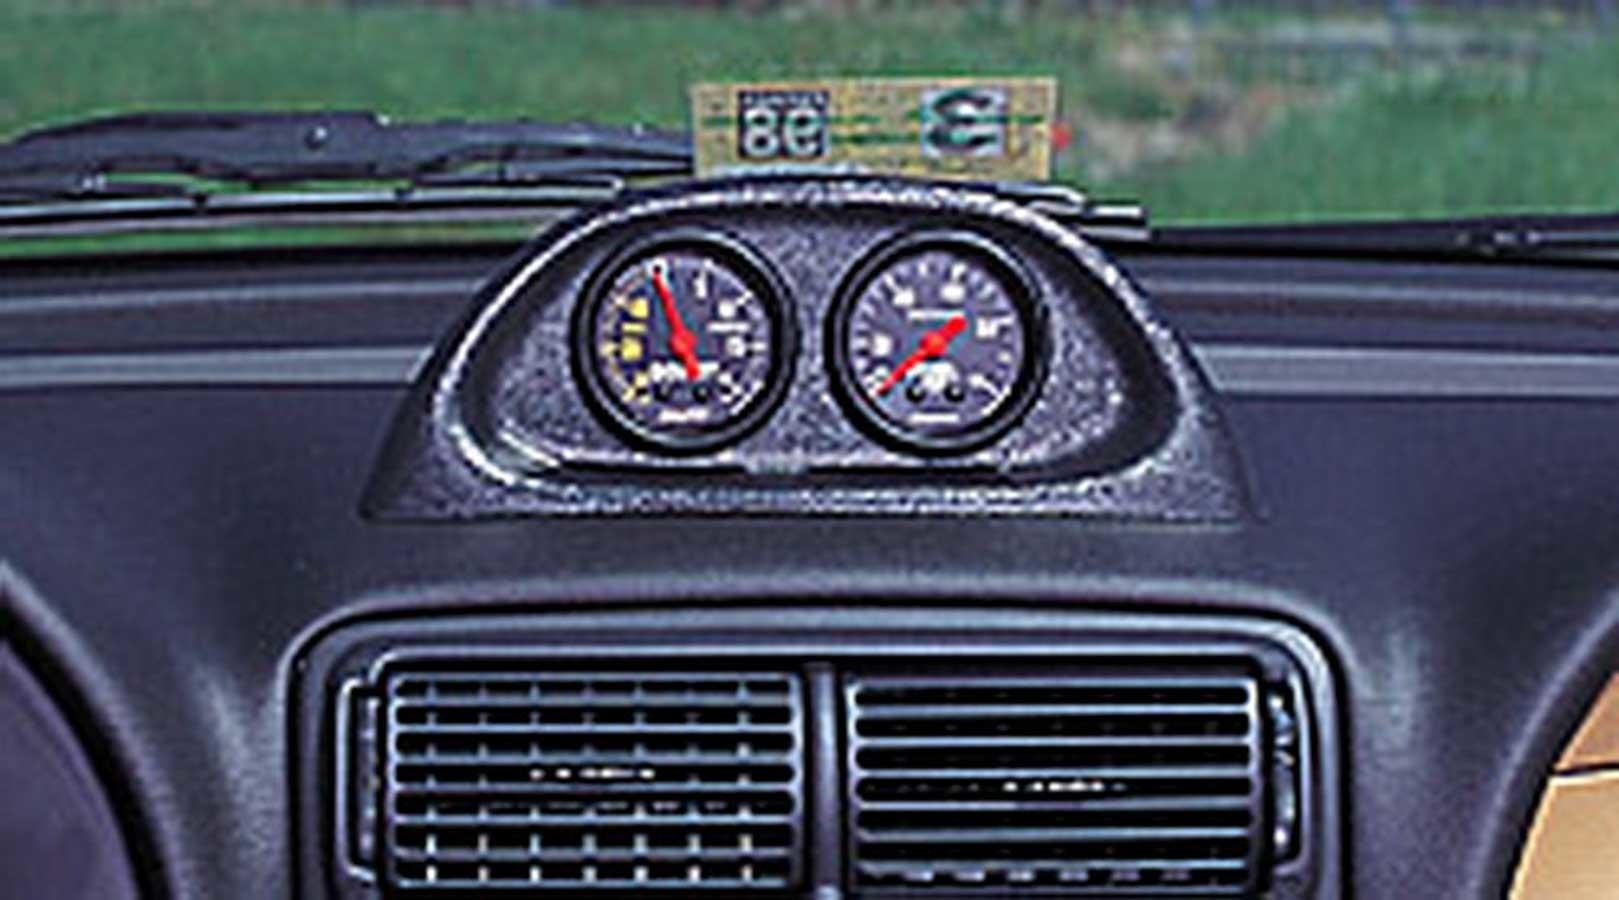 Auto Meter 10001 Gauge Pod, Gauge Works, Two 2-1/16 in Diameter Gauges, Dash, Plastic, Black, Ford Mustang 1994-2004, Each